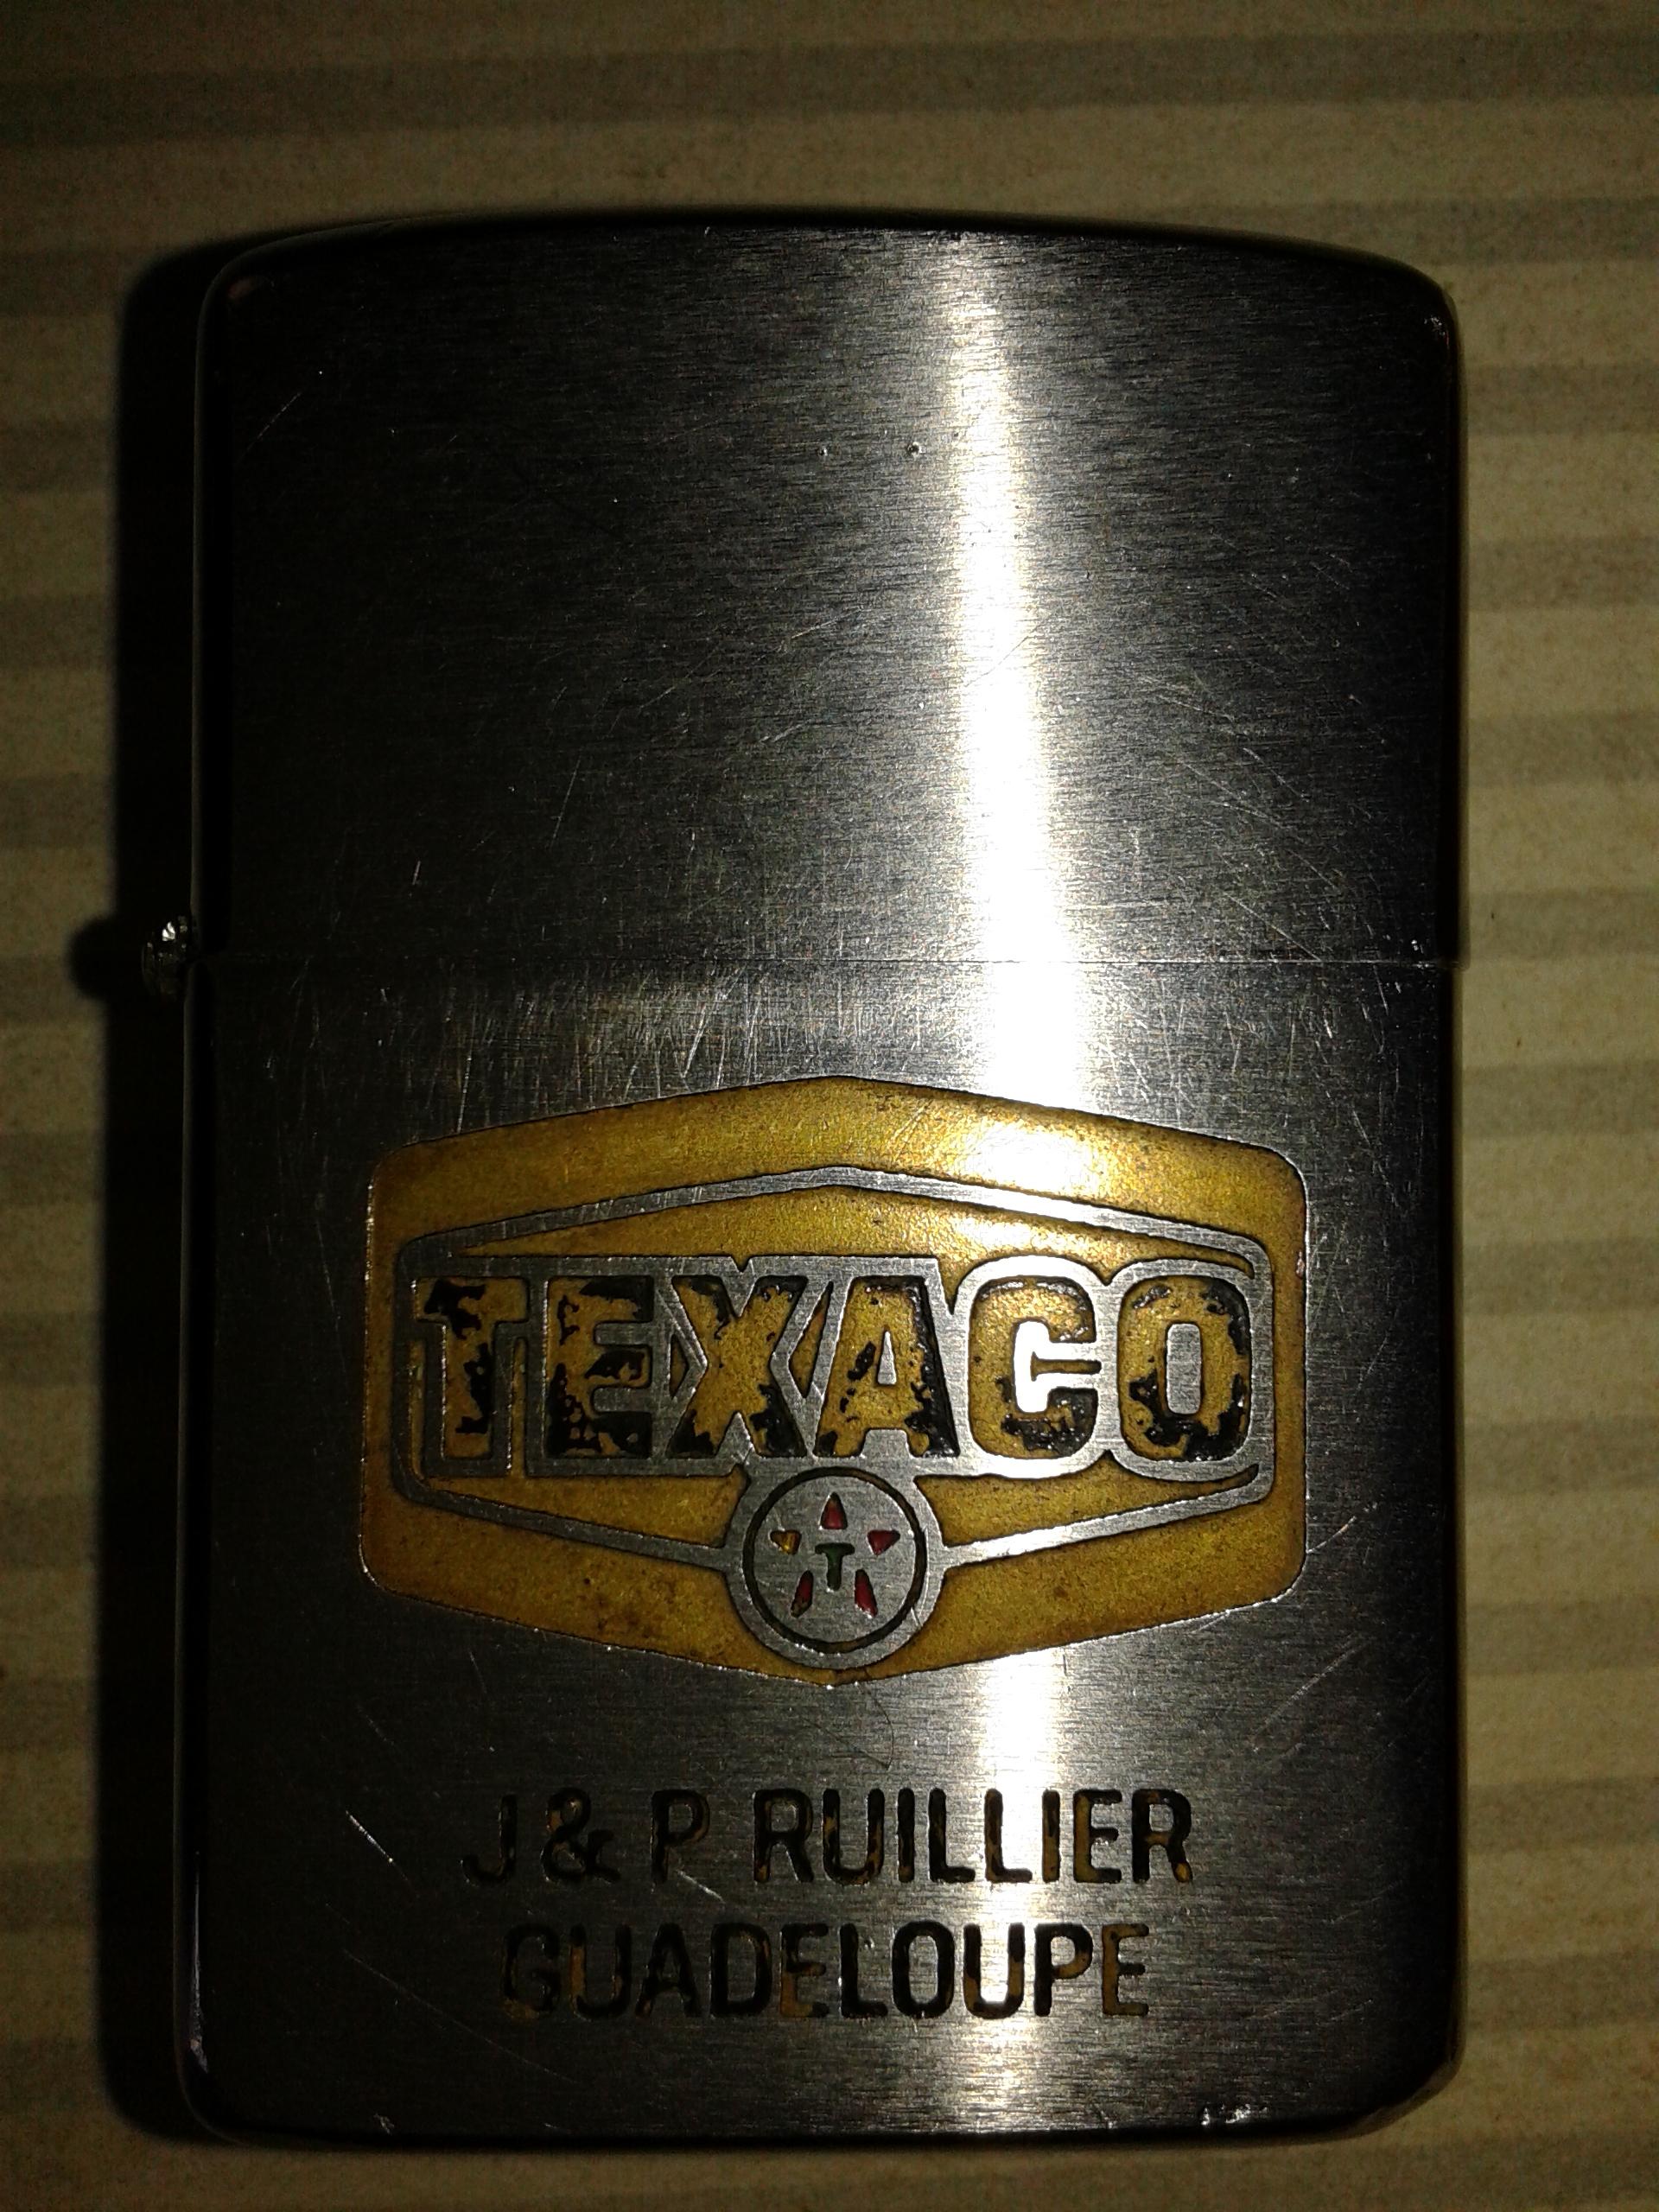 [Kébra] Collection 796313Texaco1965